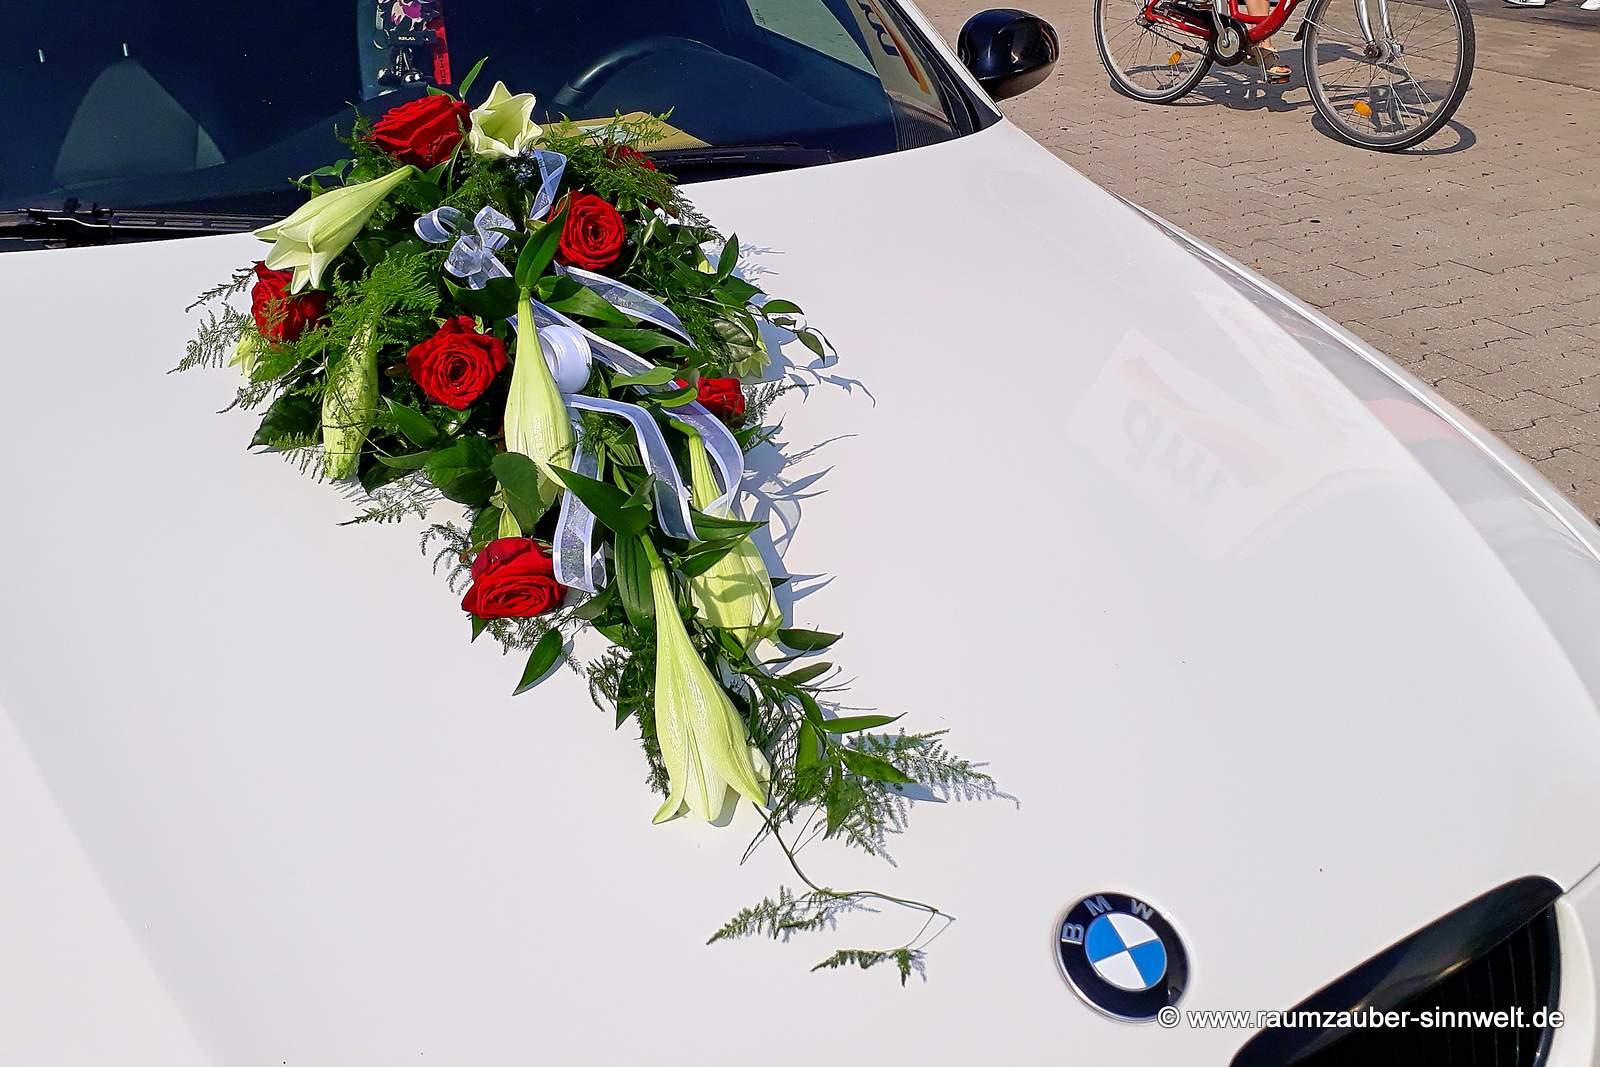 Fahrzeugschmuck aus Rosen und Lilien